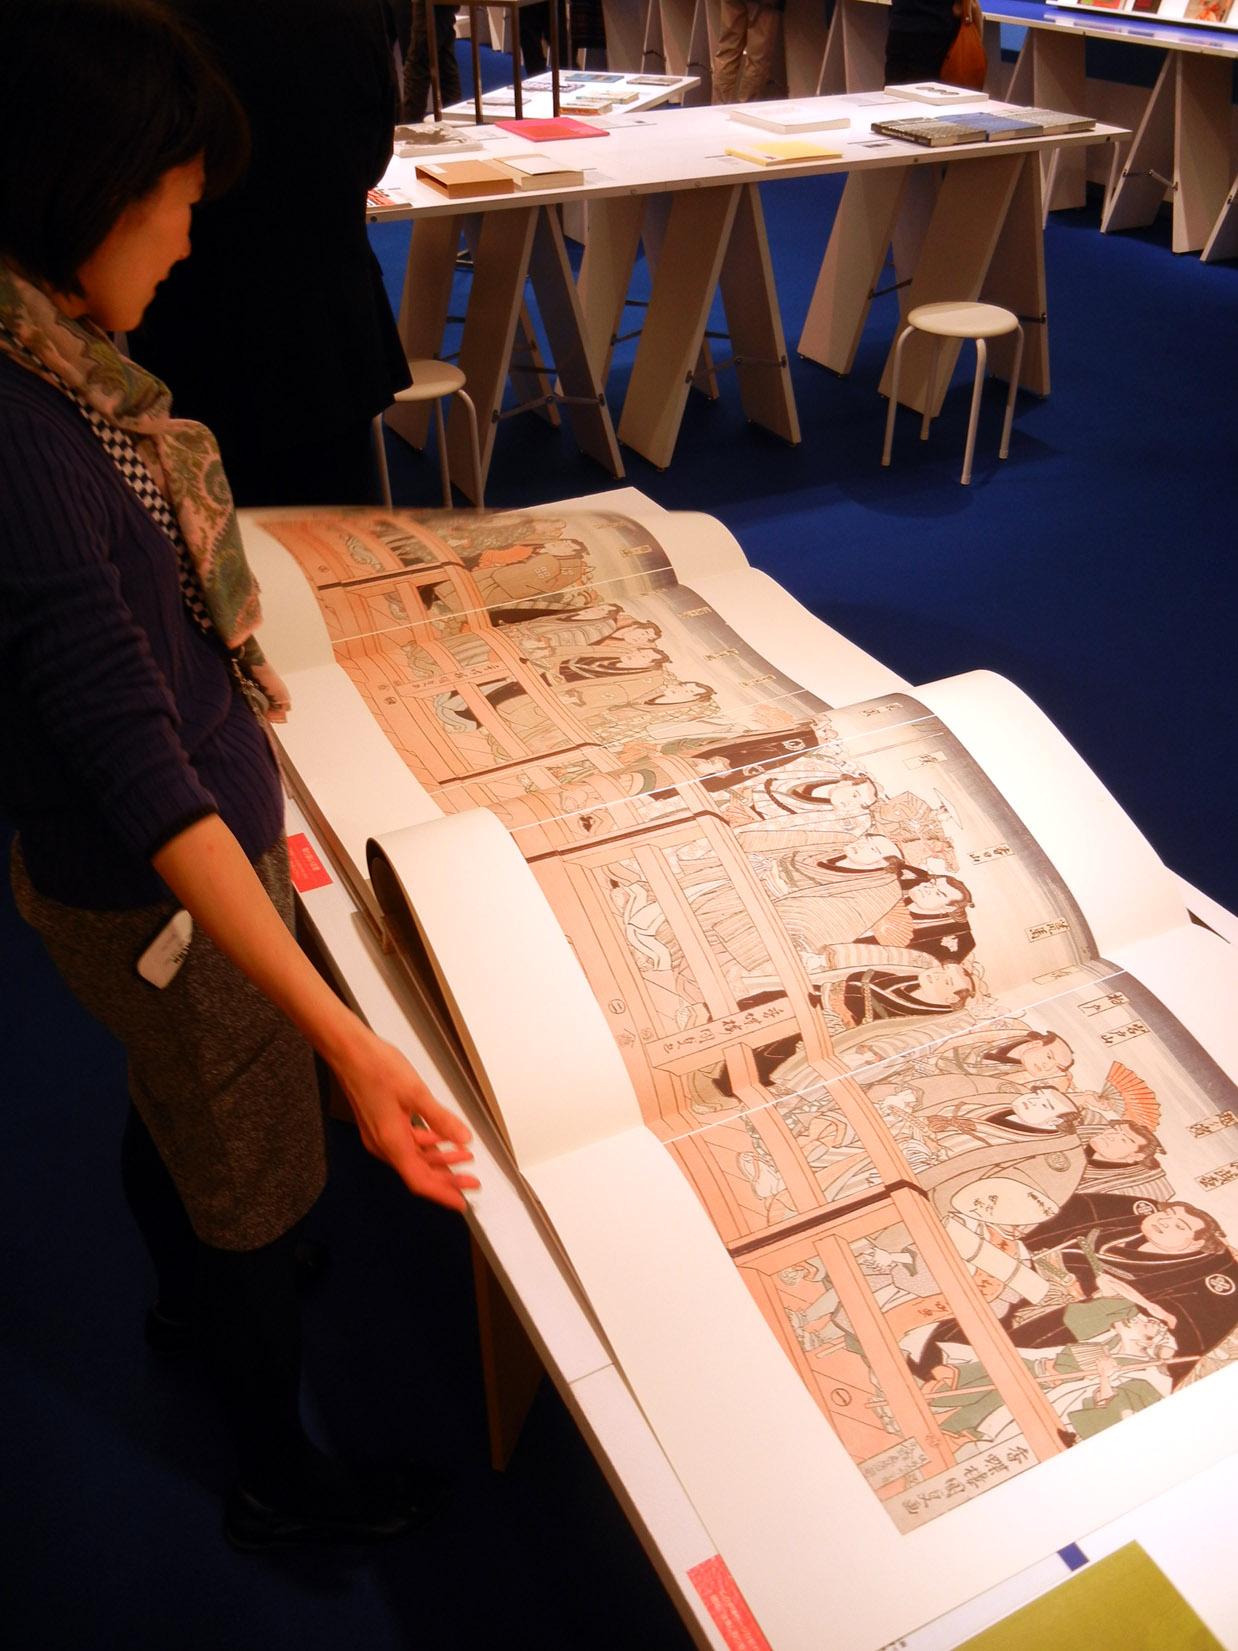 展示会場では日本相撲協会が制作した大相撲錦絵をまとめたB2判超大型本も話題に